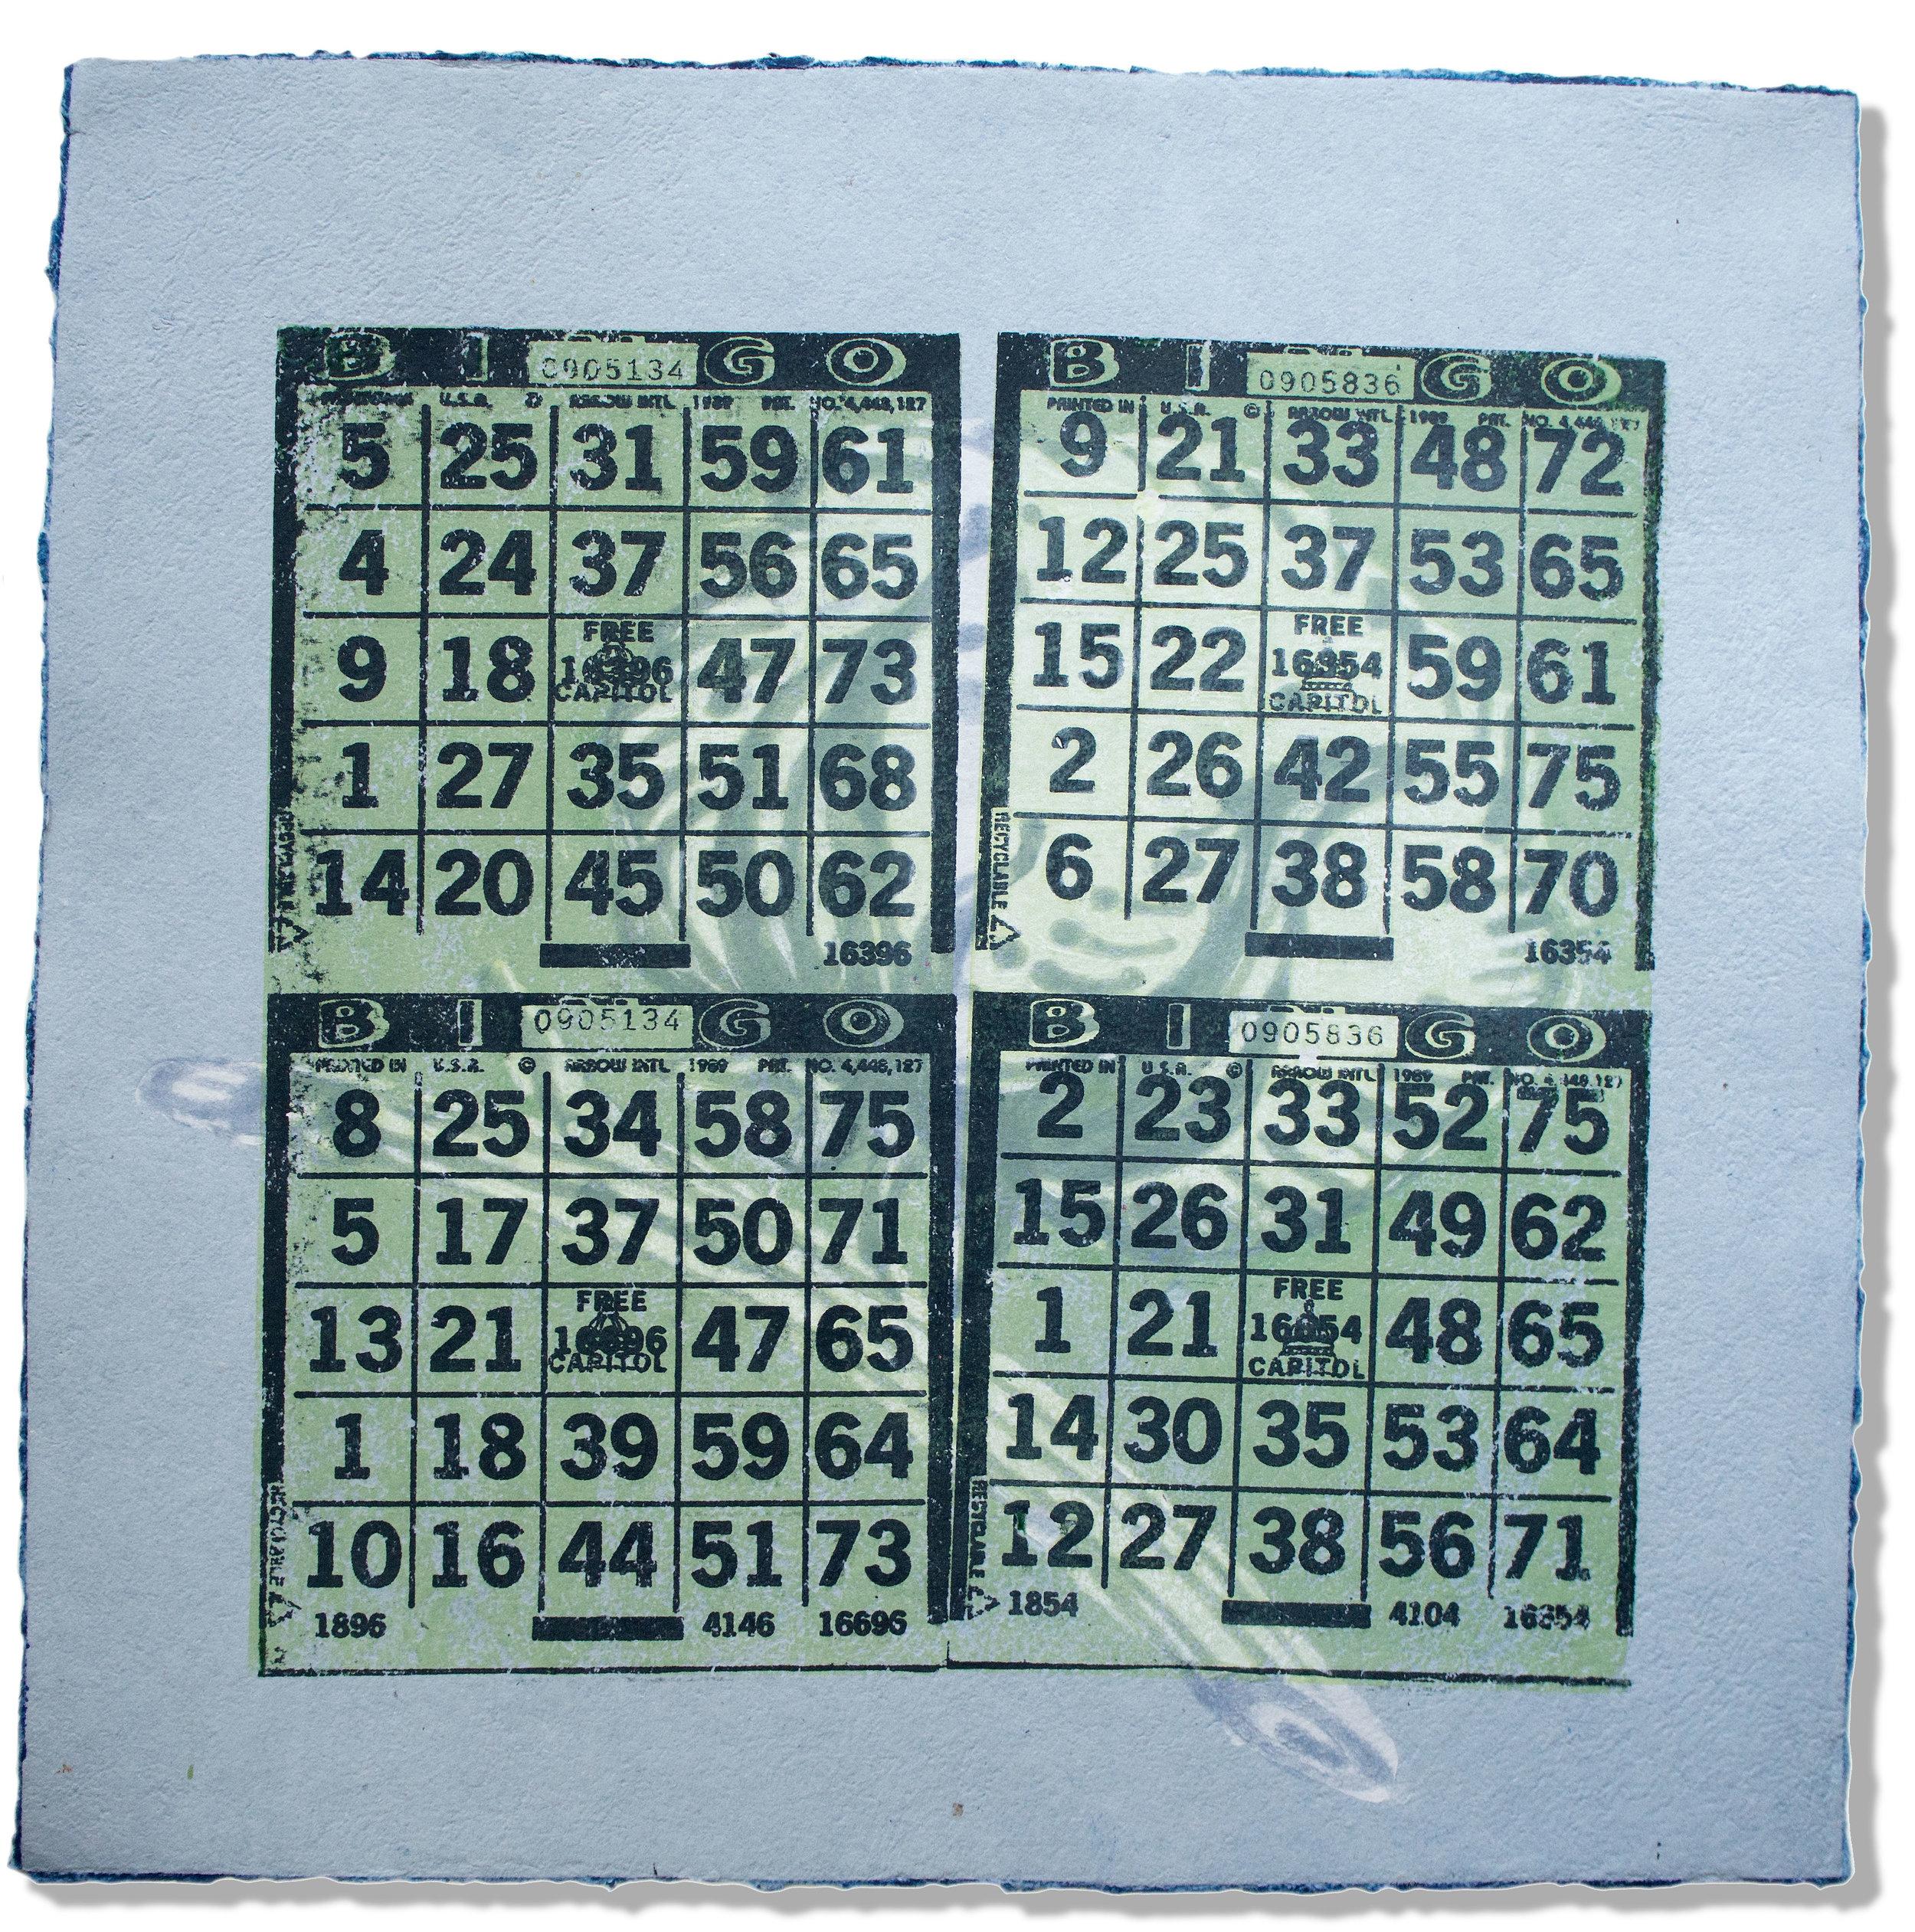 04_Bingo_Final.jpg